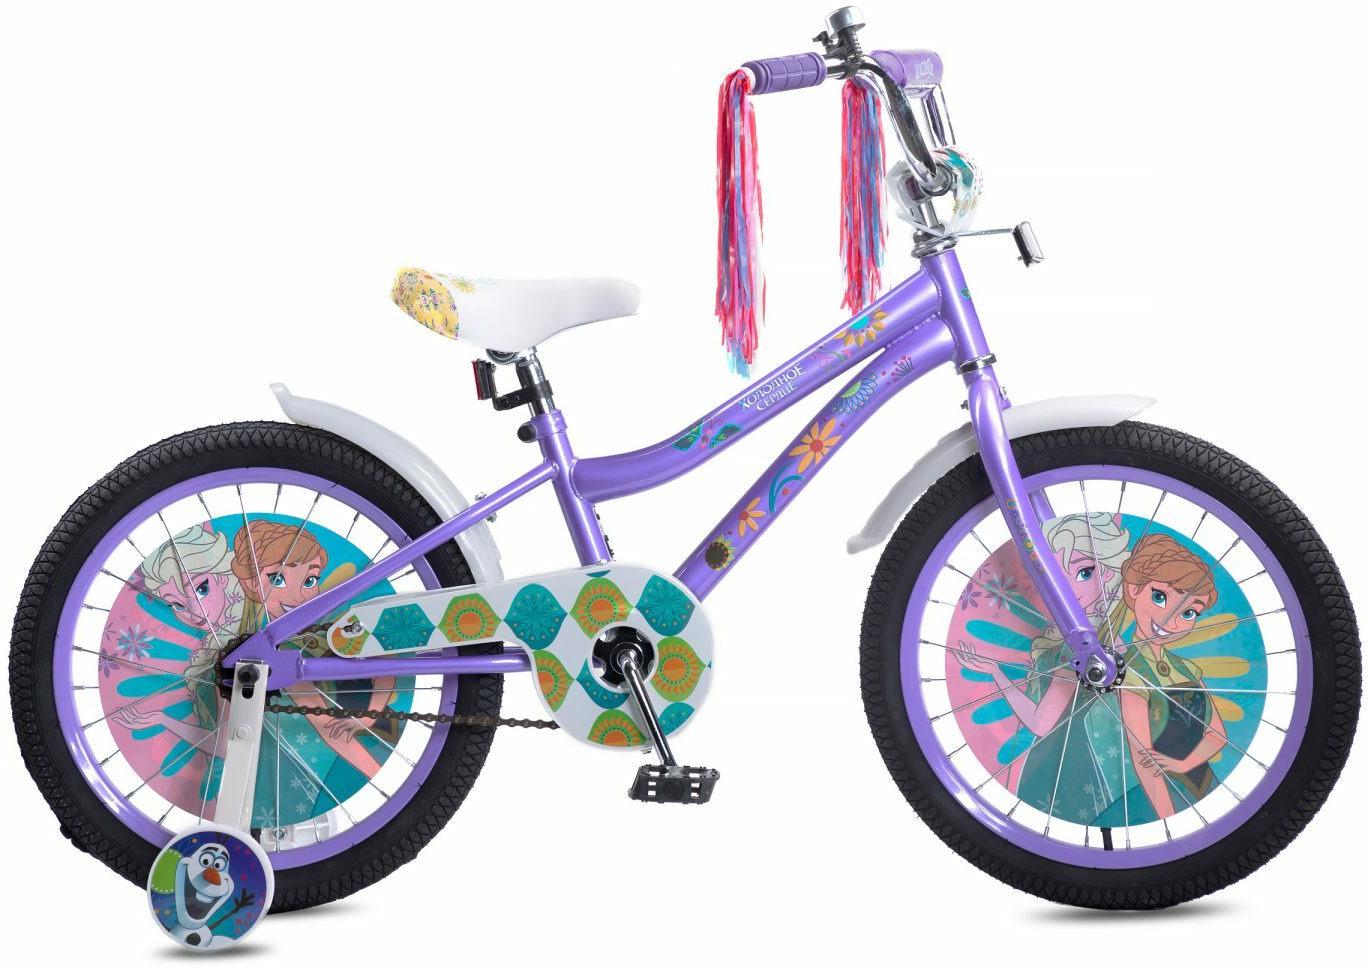 цены на Велосипед детский Disney Холодное сердце, ВН18105, фиолетовый, белый, колесо 18